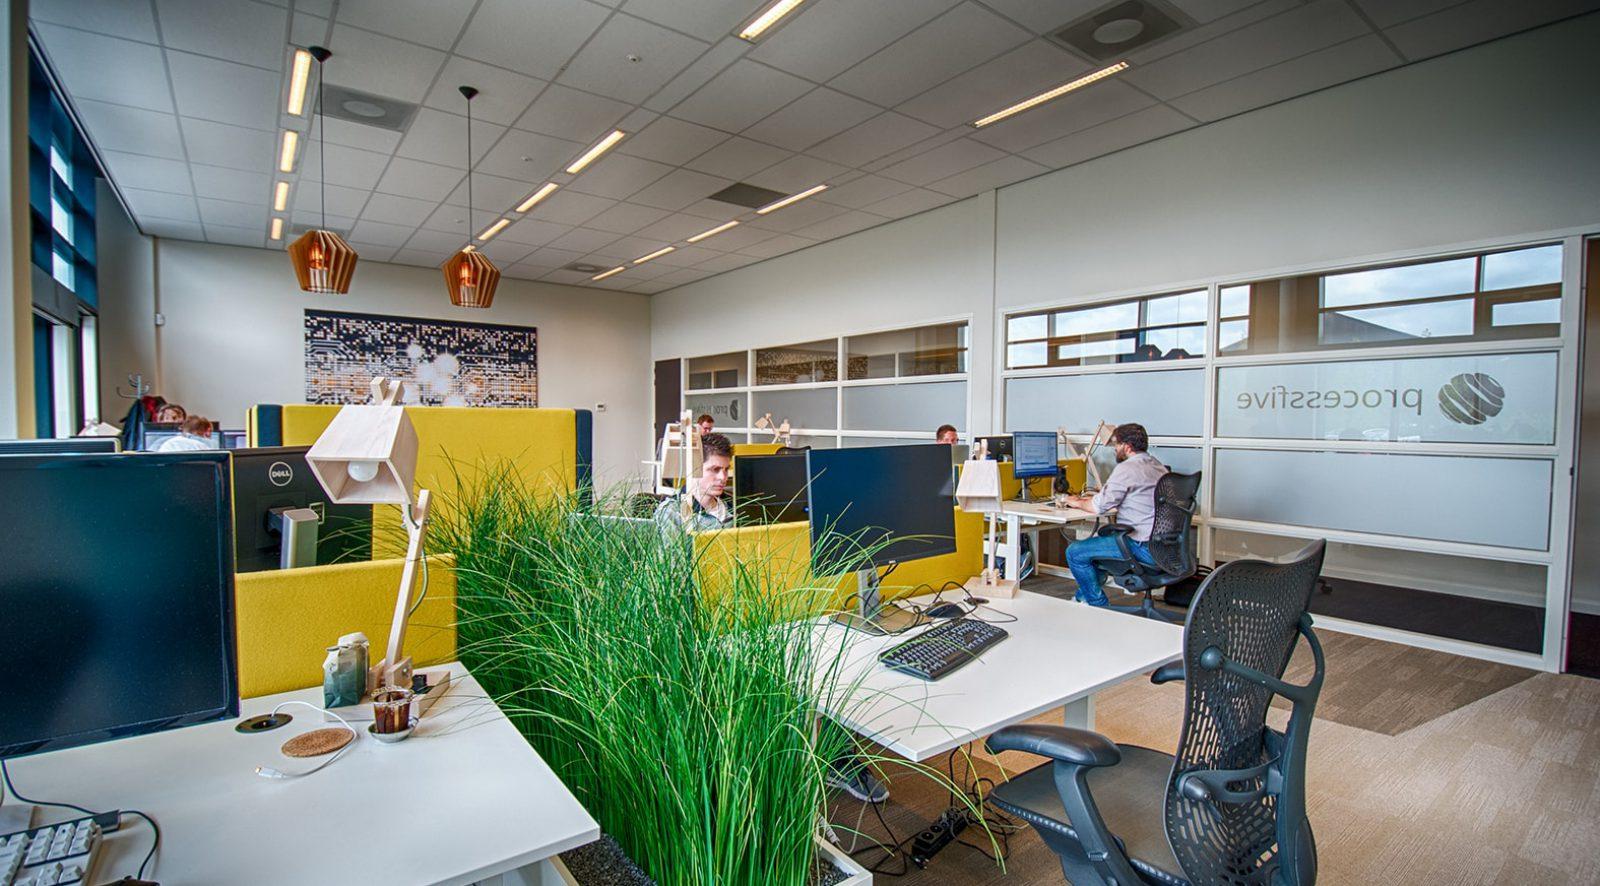 Bedrijfsruimte huren | Crown Business Center Alphen aan den Rijn